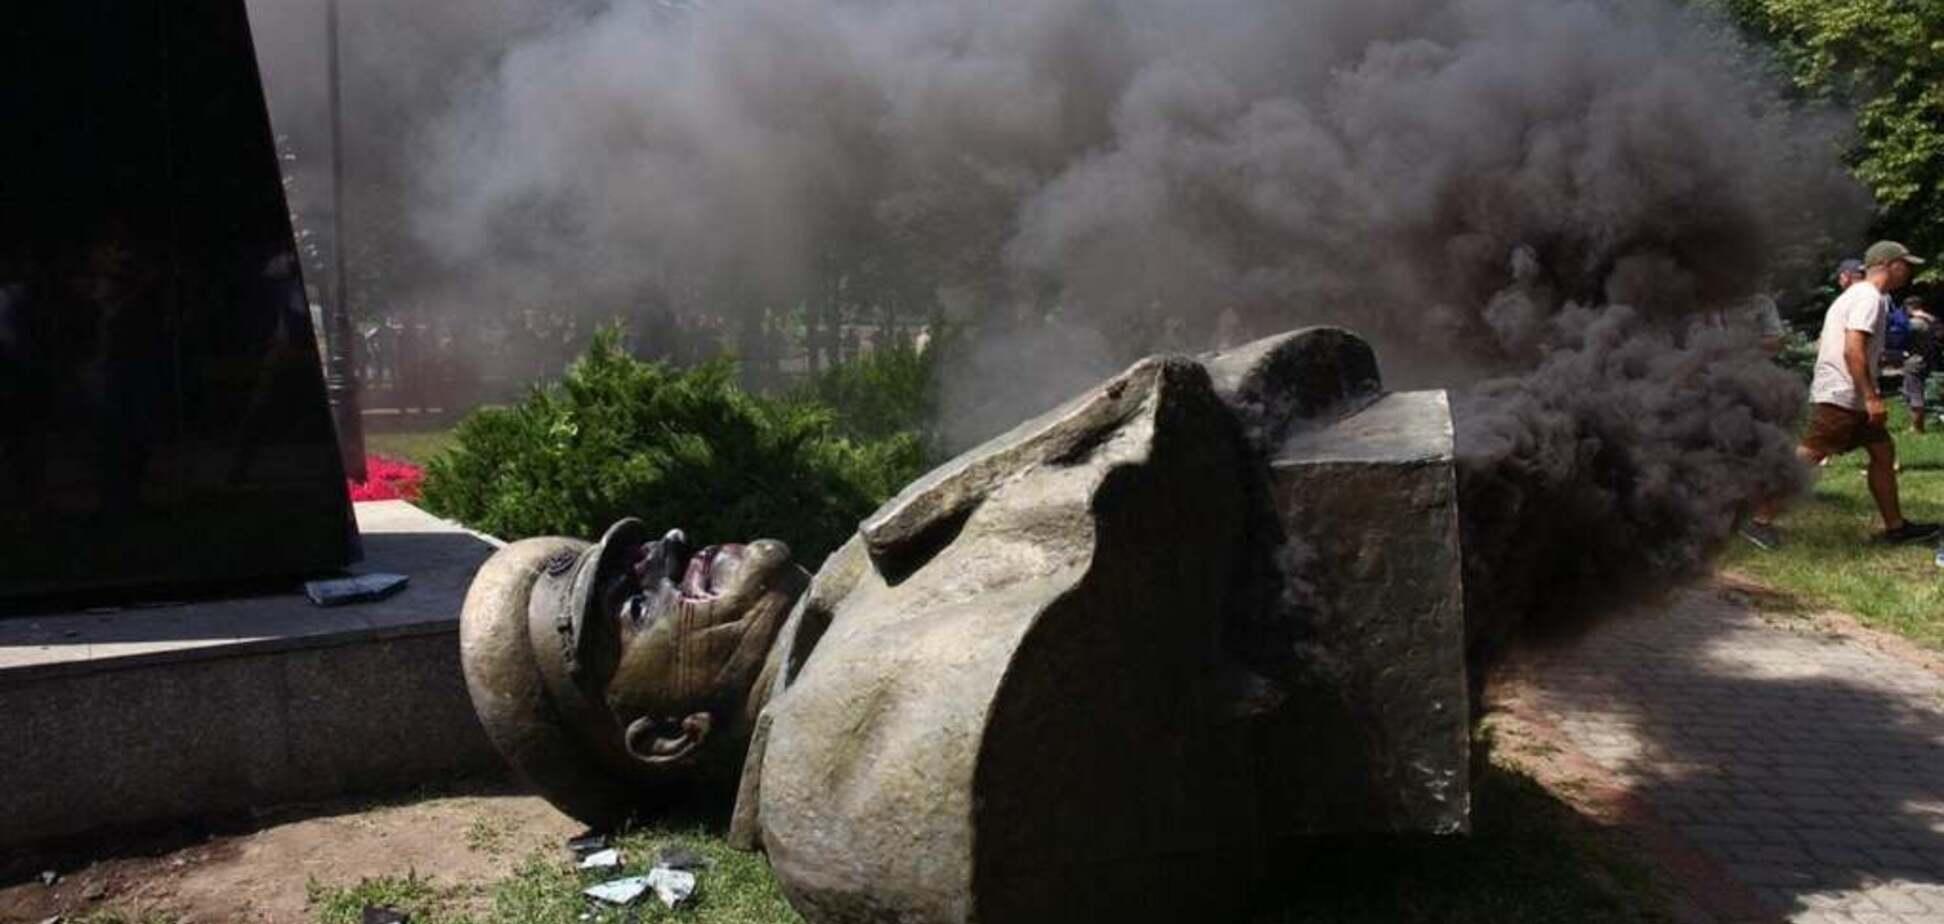 'Нацизм, воюють із мертвими!' Росіяни вибухнули через знищення пам'ятника Жукову в Харкові